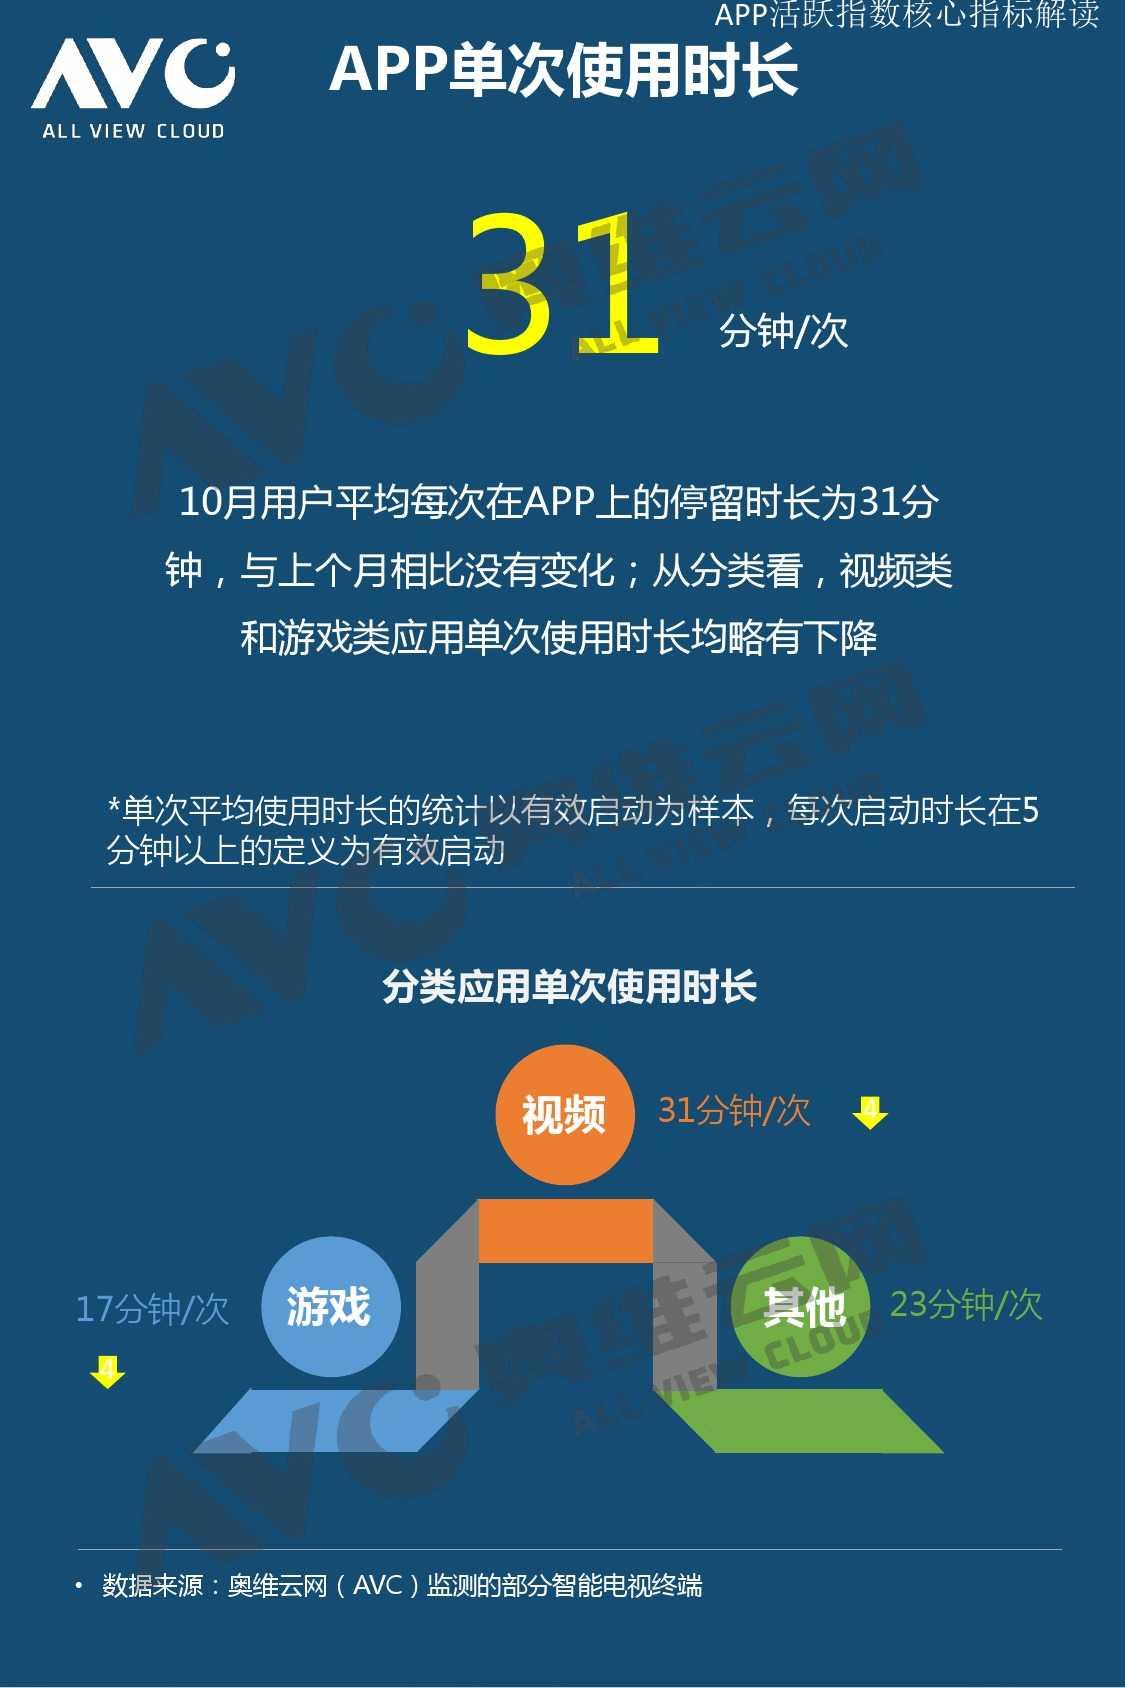 奥维云网:2015年10月份中国OTT发展研究_000010